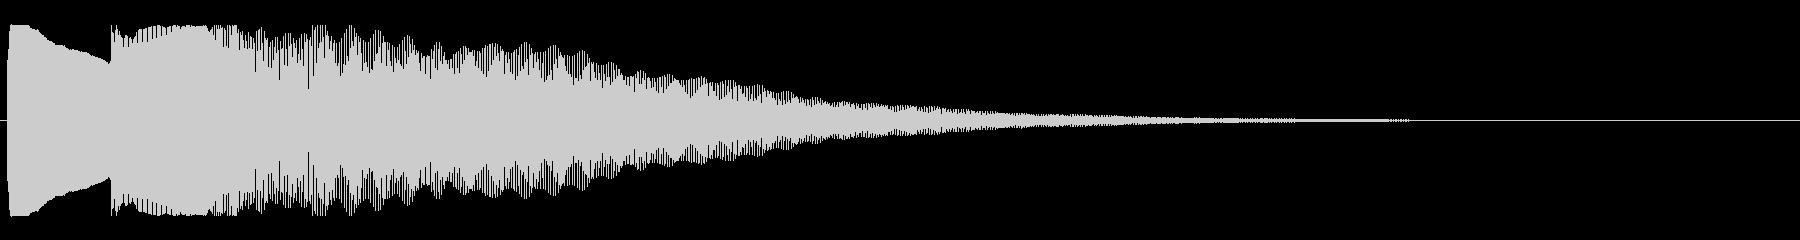 アナウンス後 チャイム-1_dryの未再生の波形